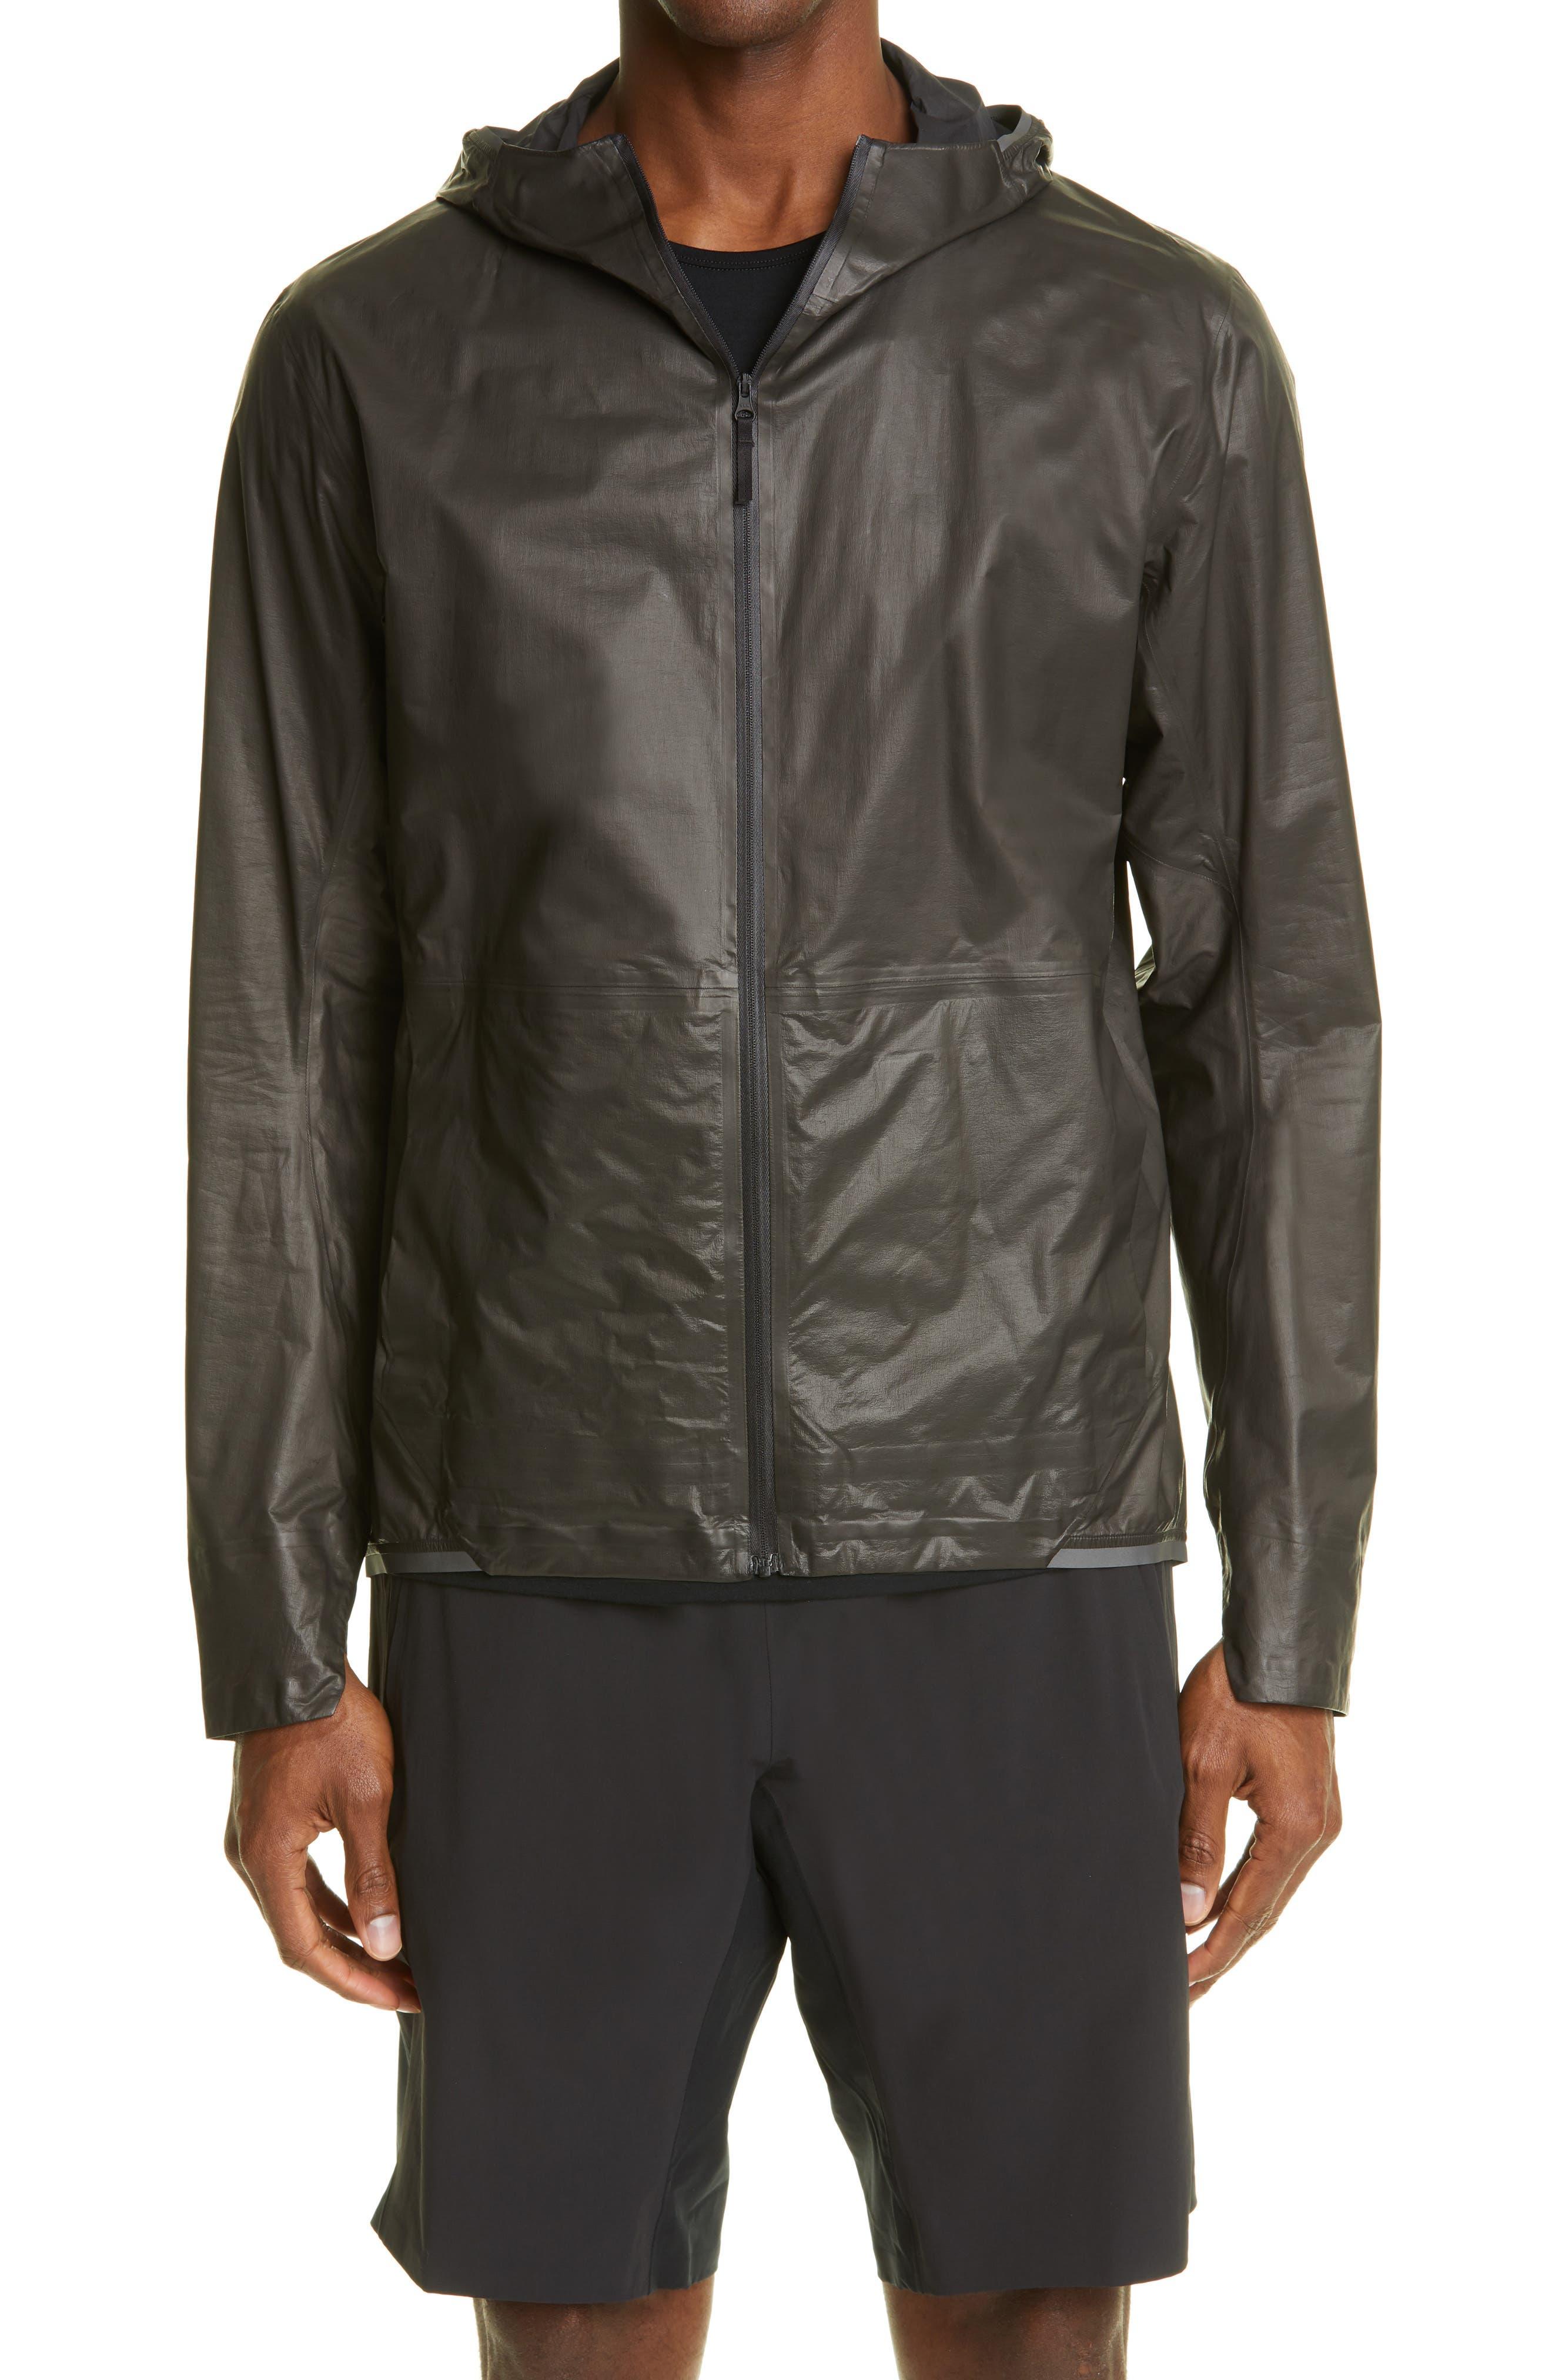 Men's Veilance Men's Rhomb Gore-Tex Shakedry(TM) Waterproof Packable Jacket